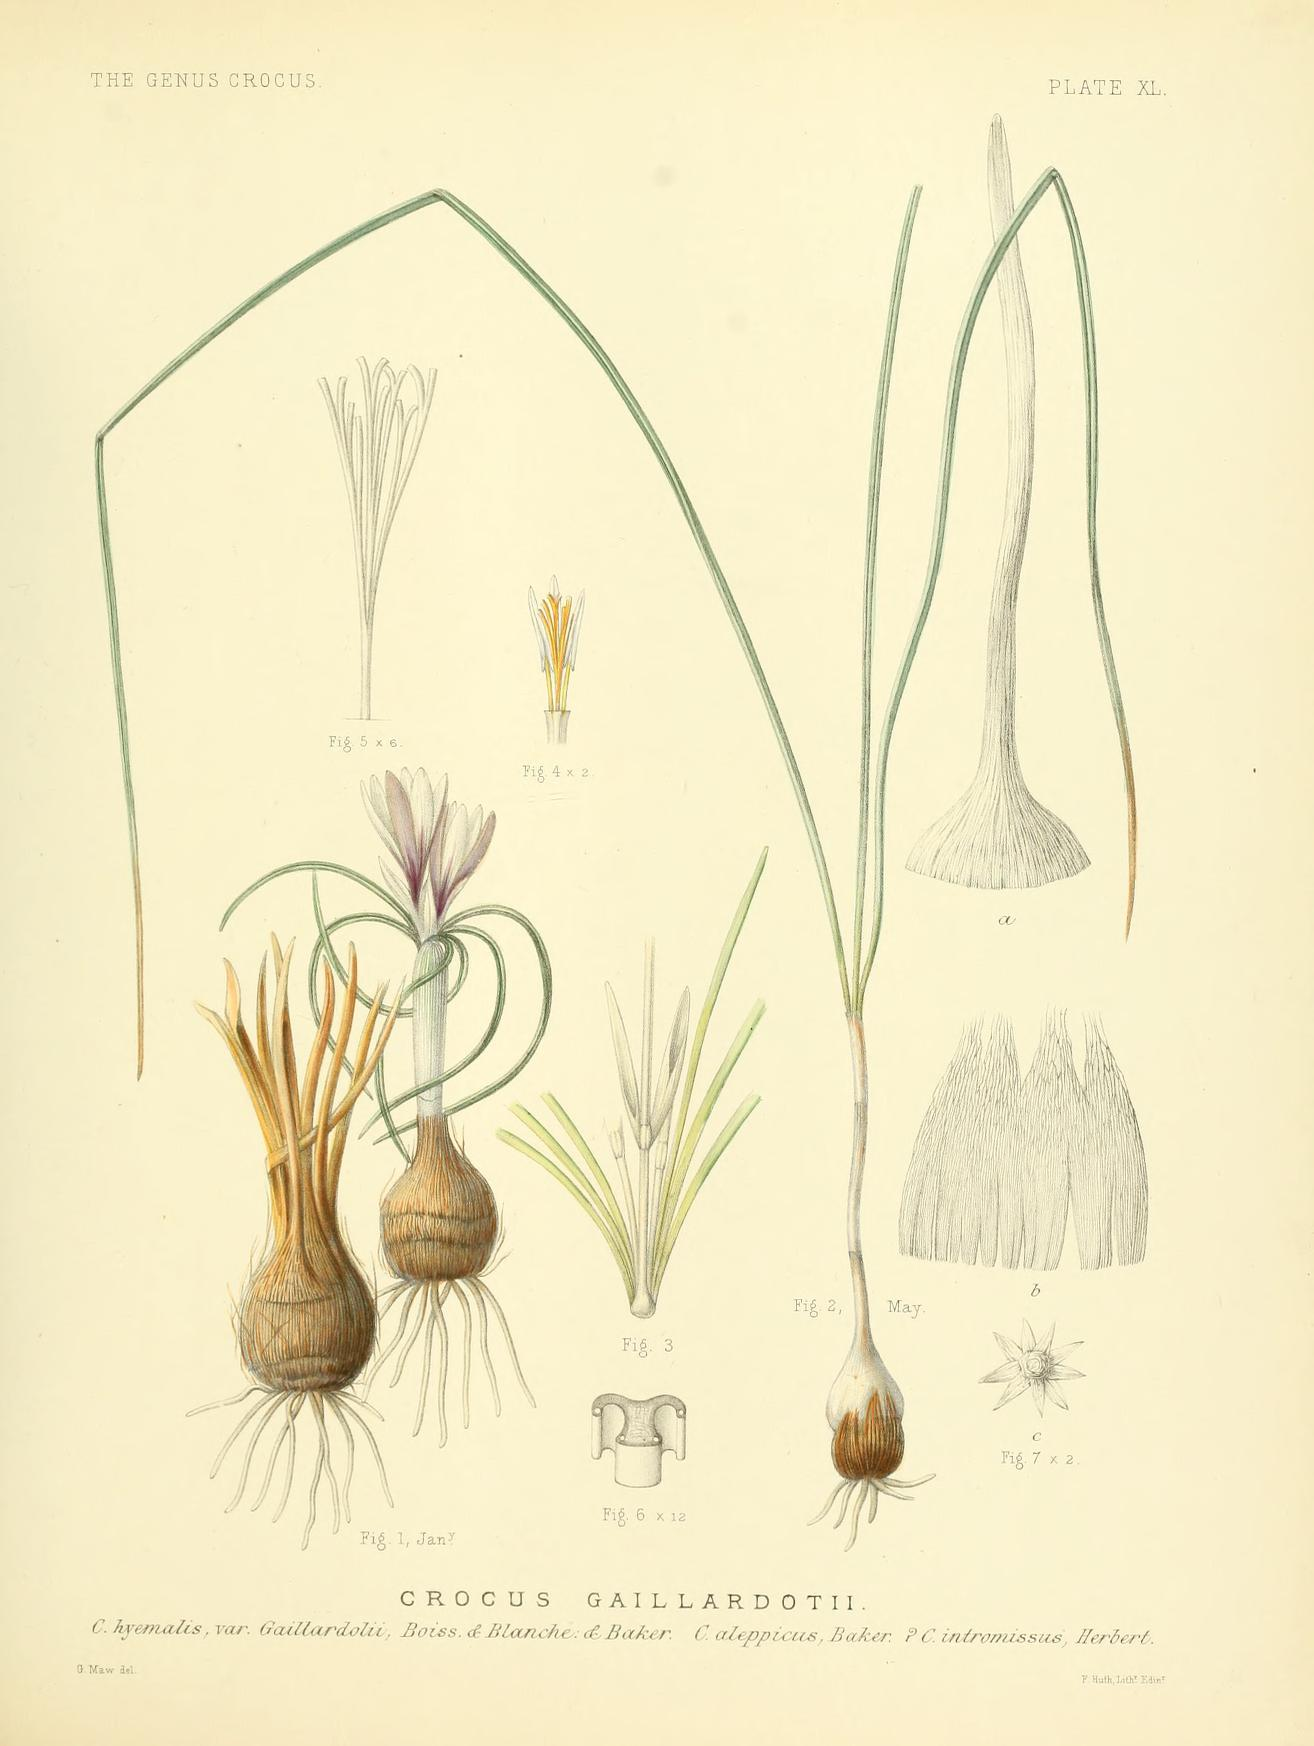 Crocus aleppicus